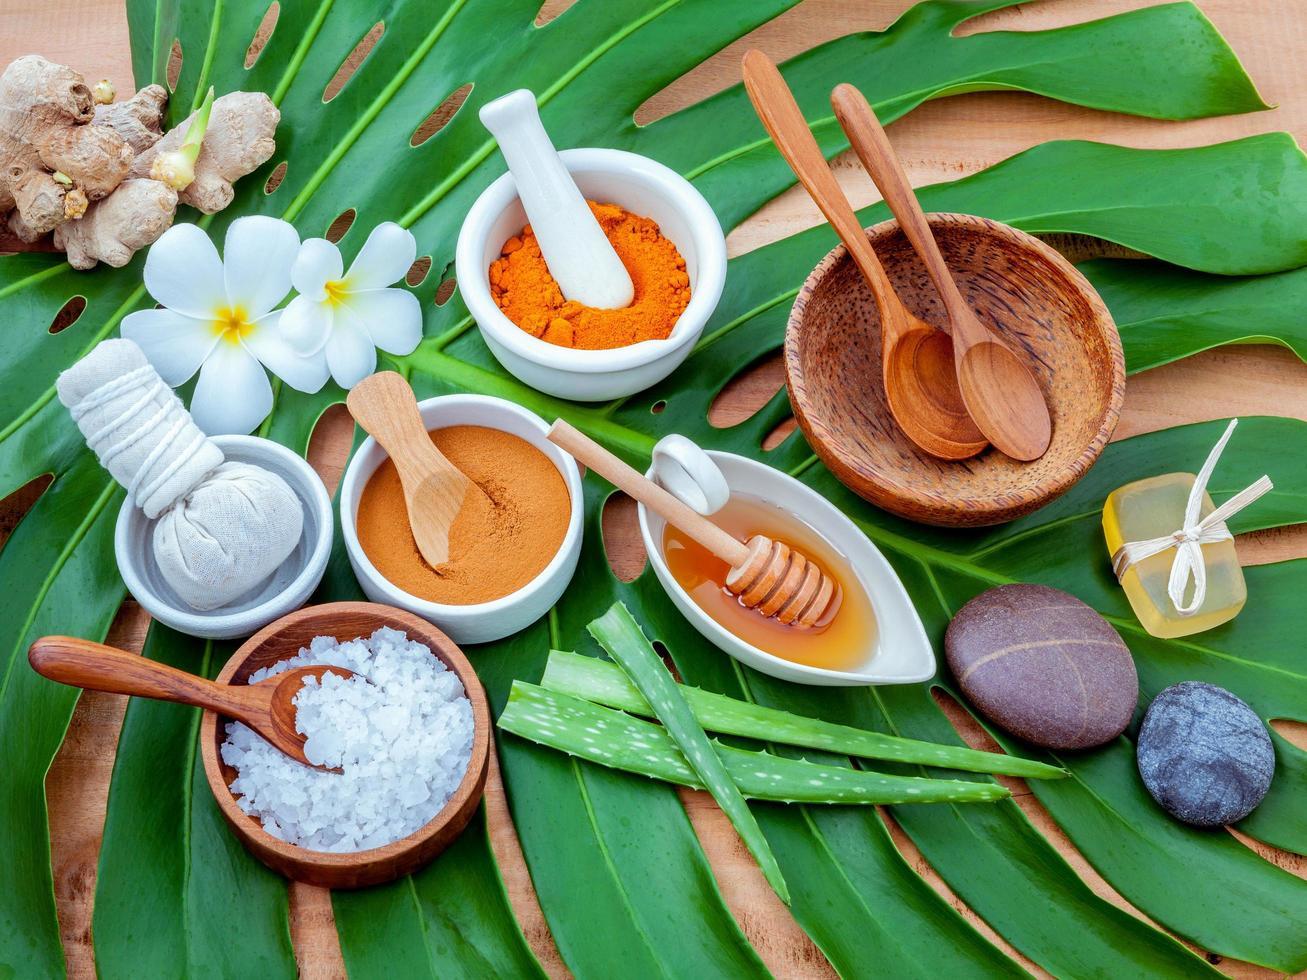 ingredientes de spa en hojas verdes foto